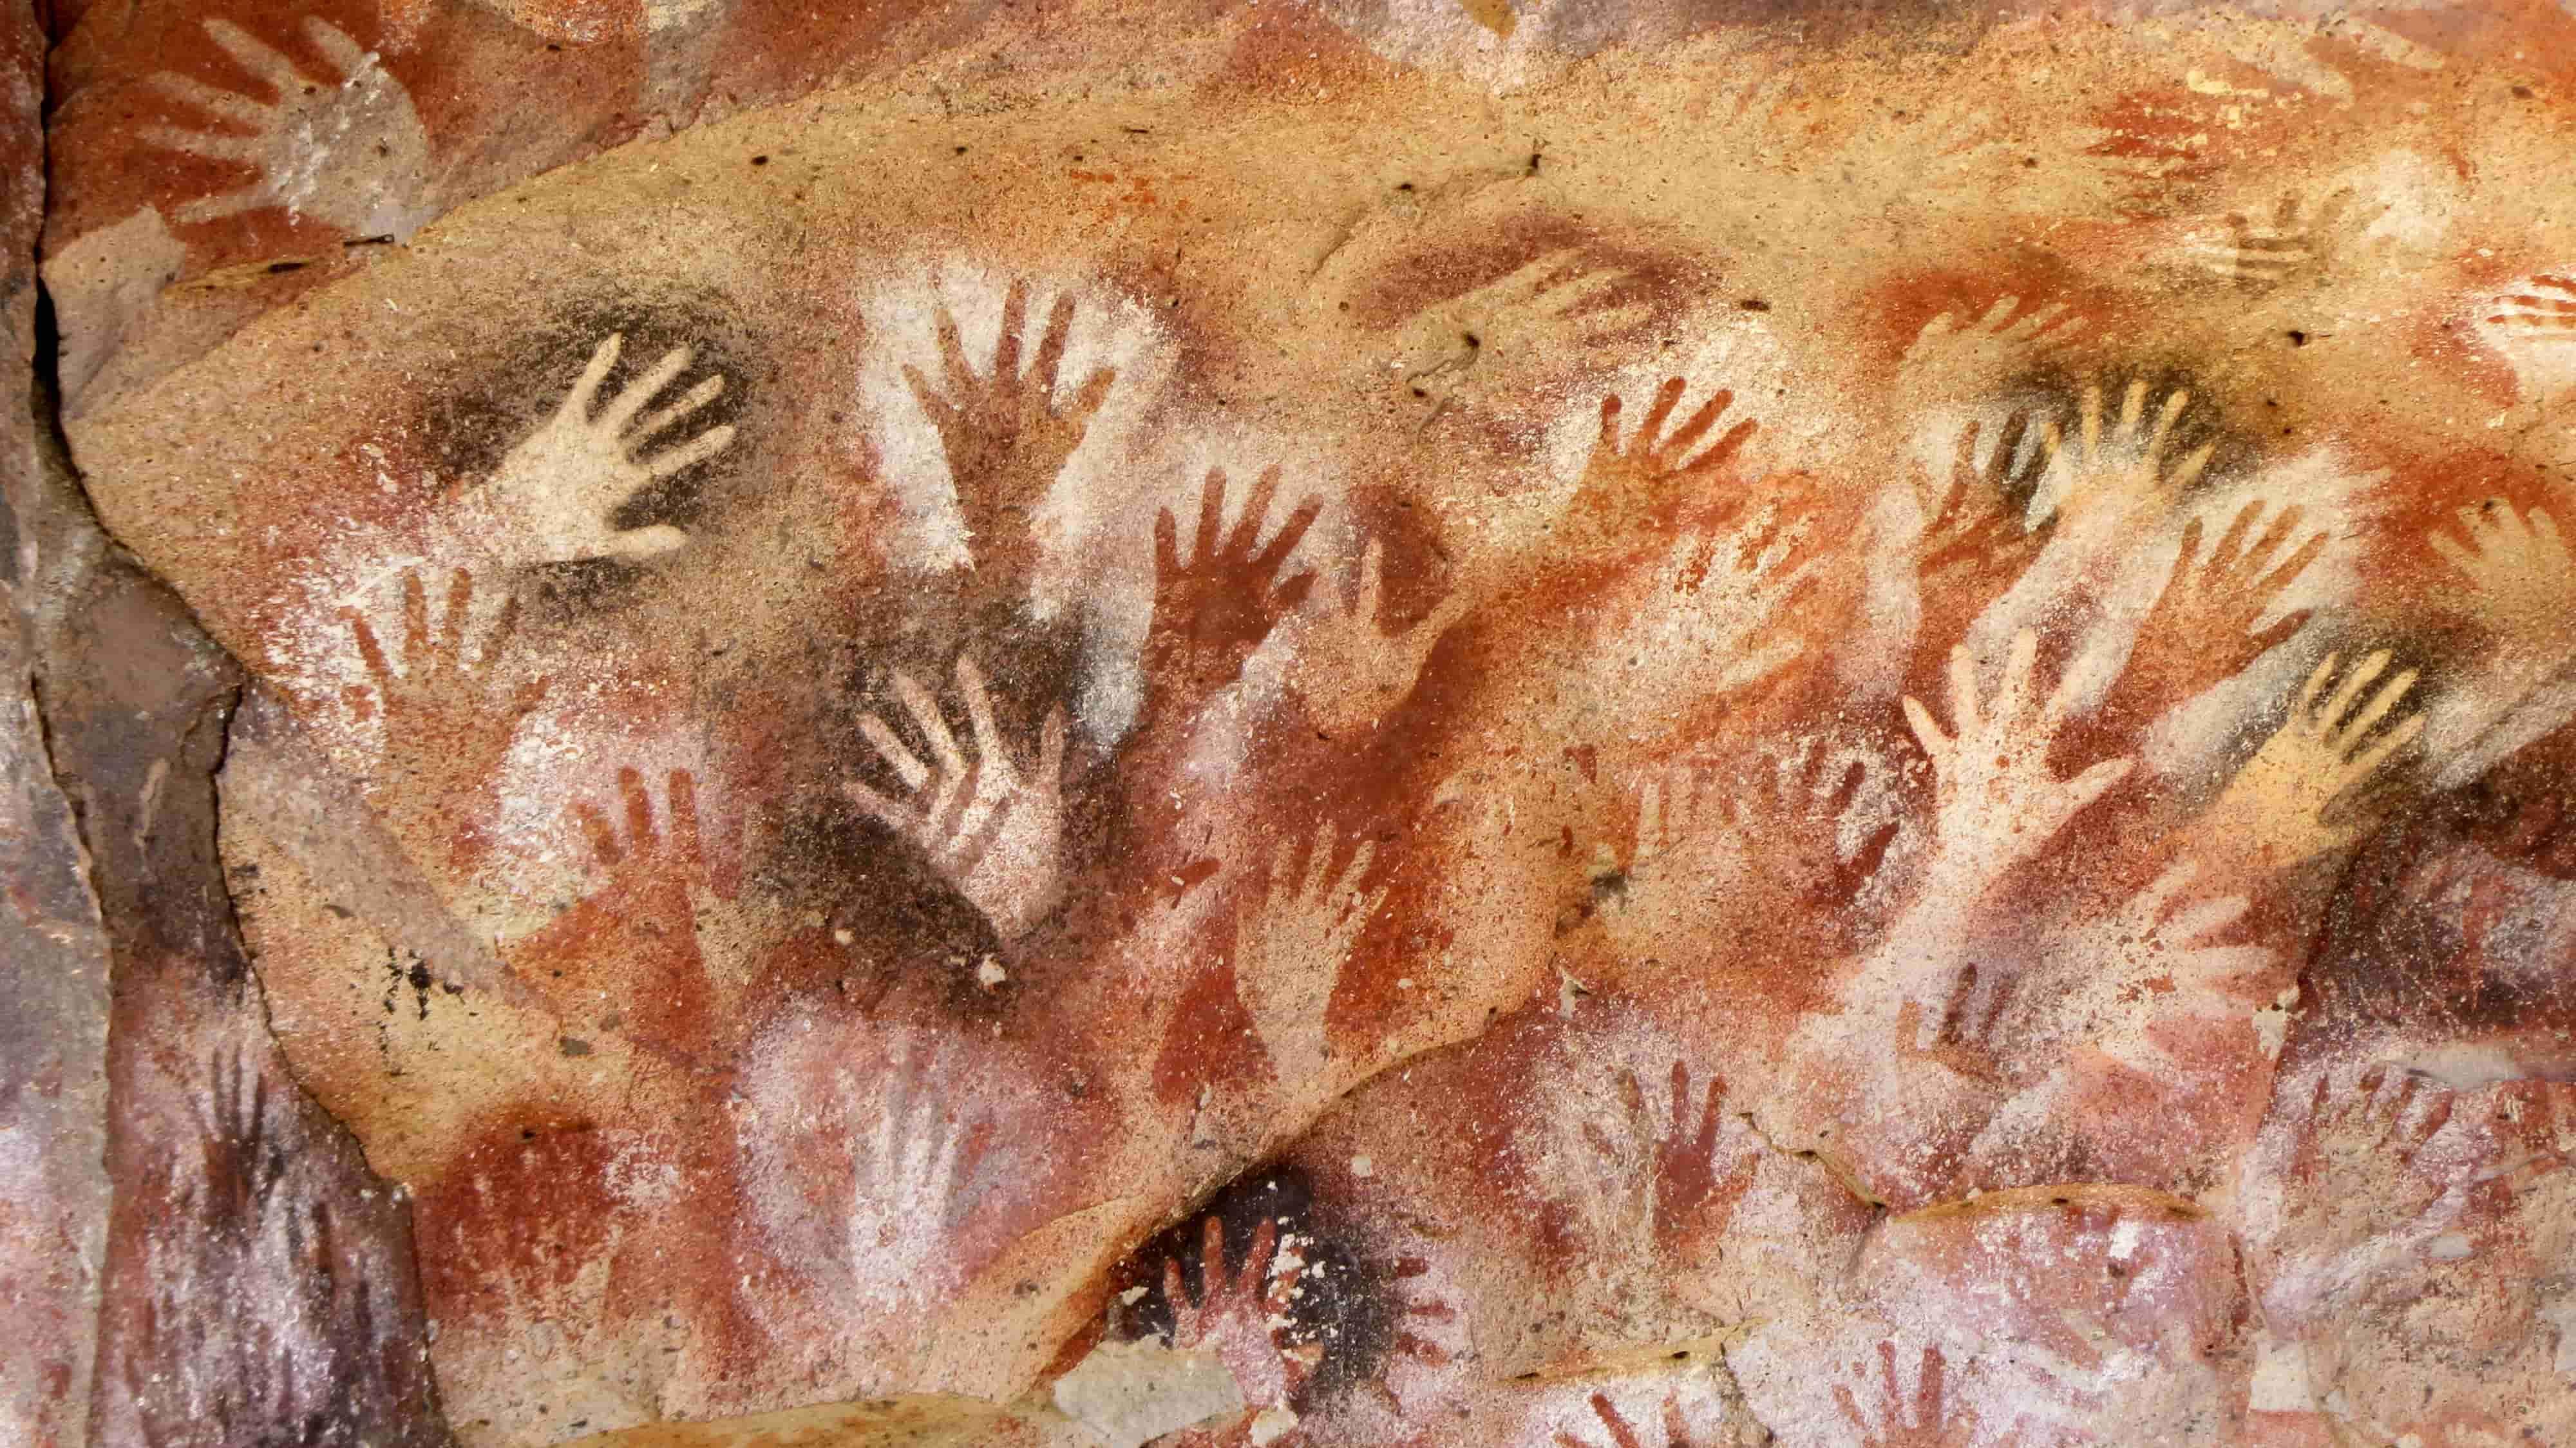 Mağara resimleri - Arjantin Eller Mağarası